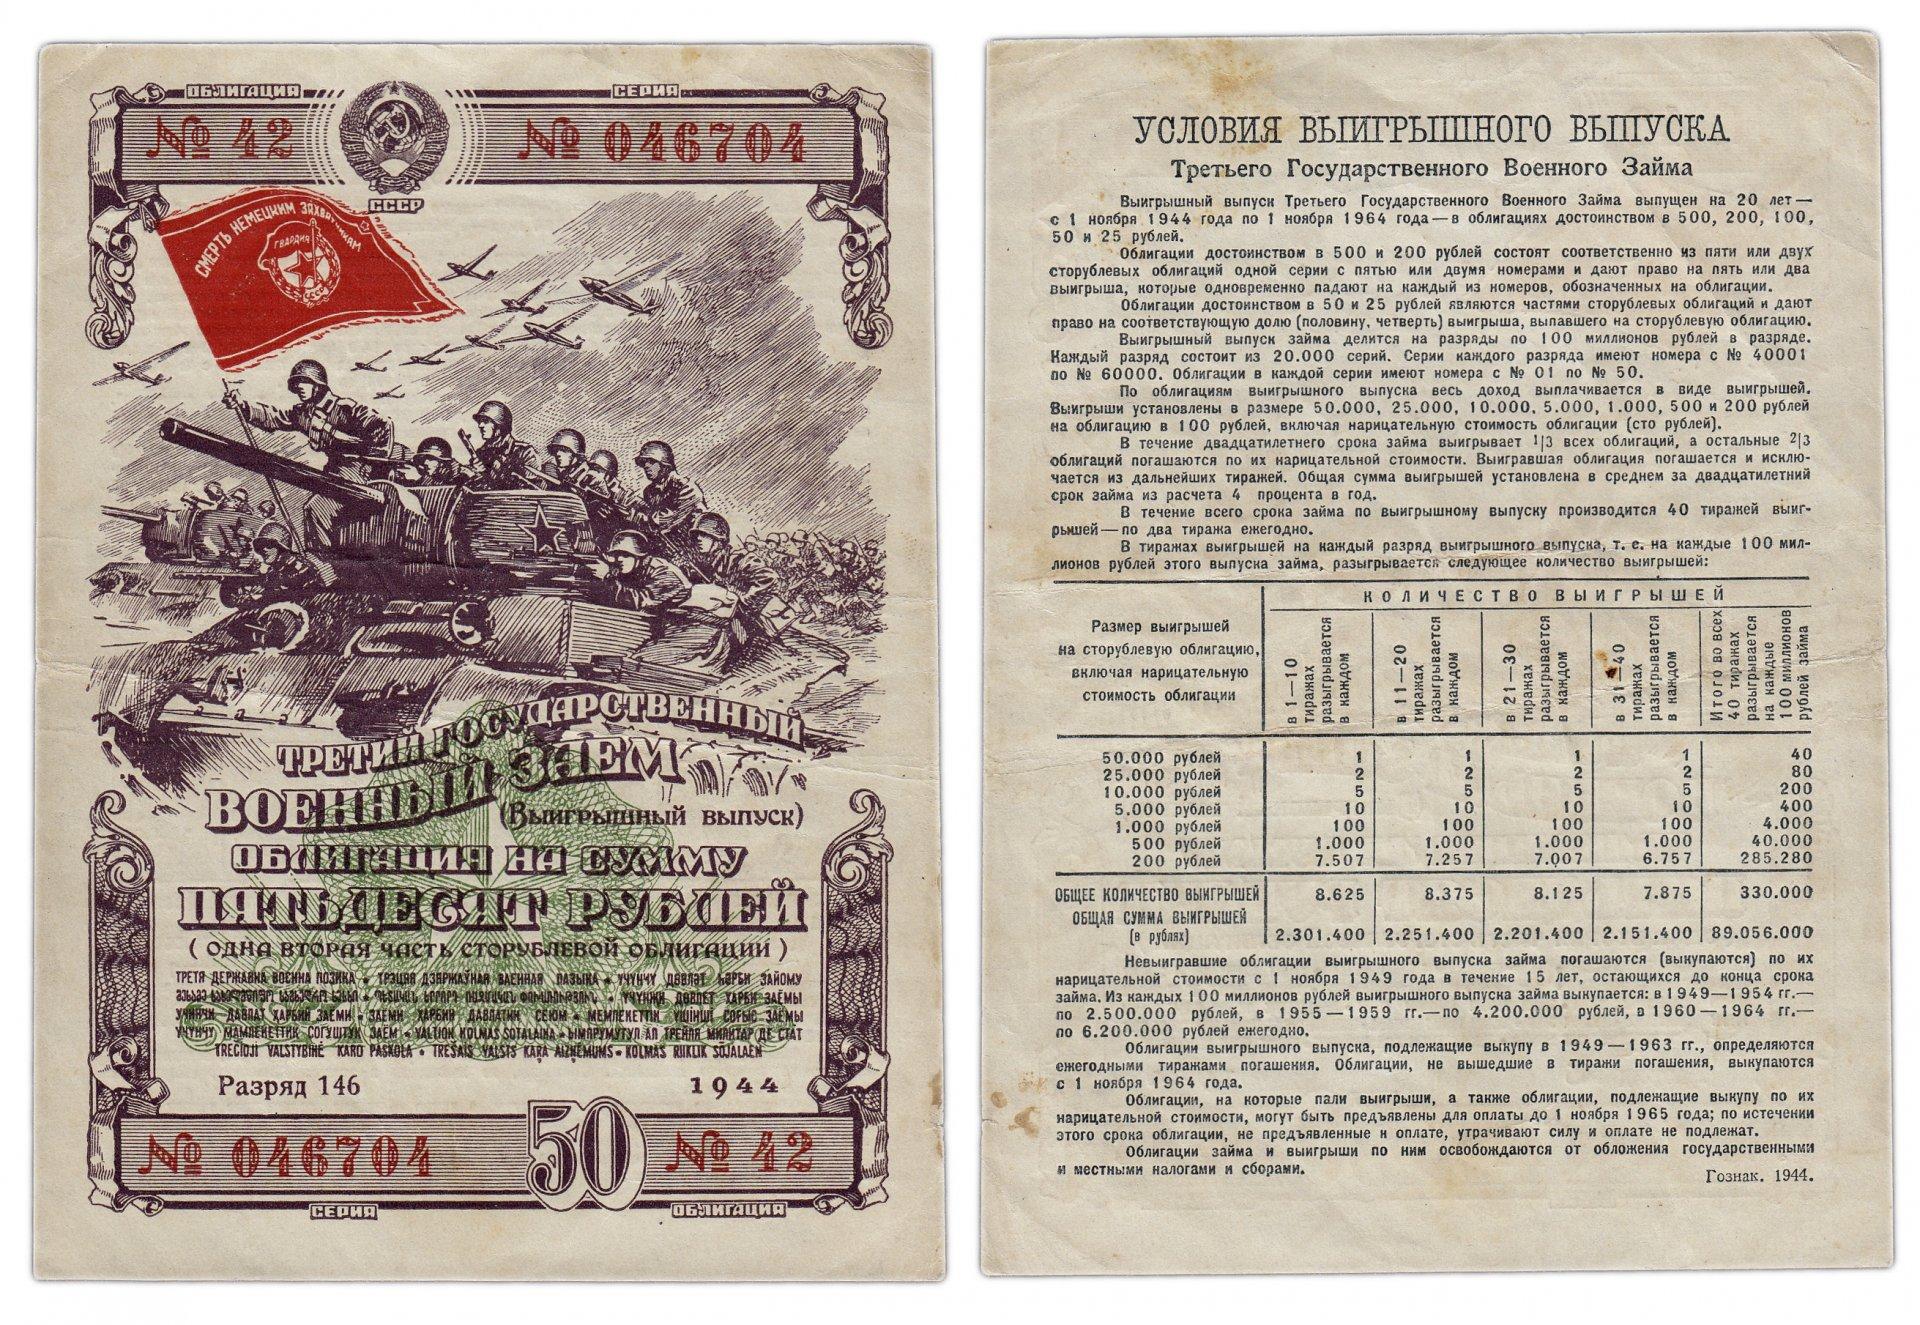 облигации военного займа хоум кредит банк иваново телефон